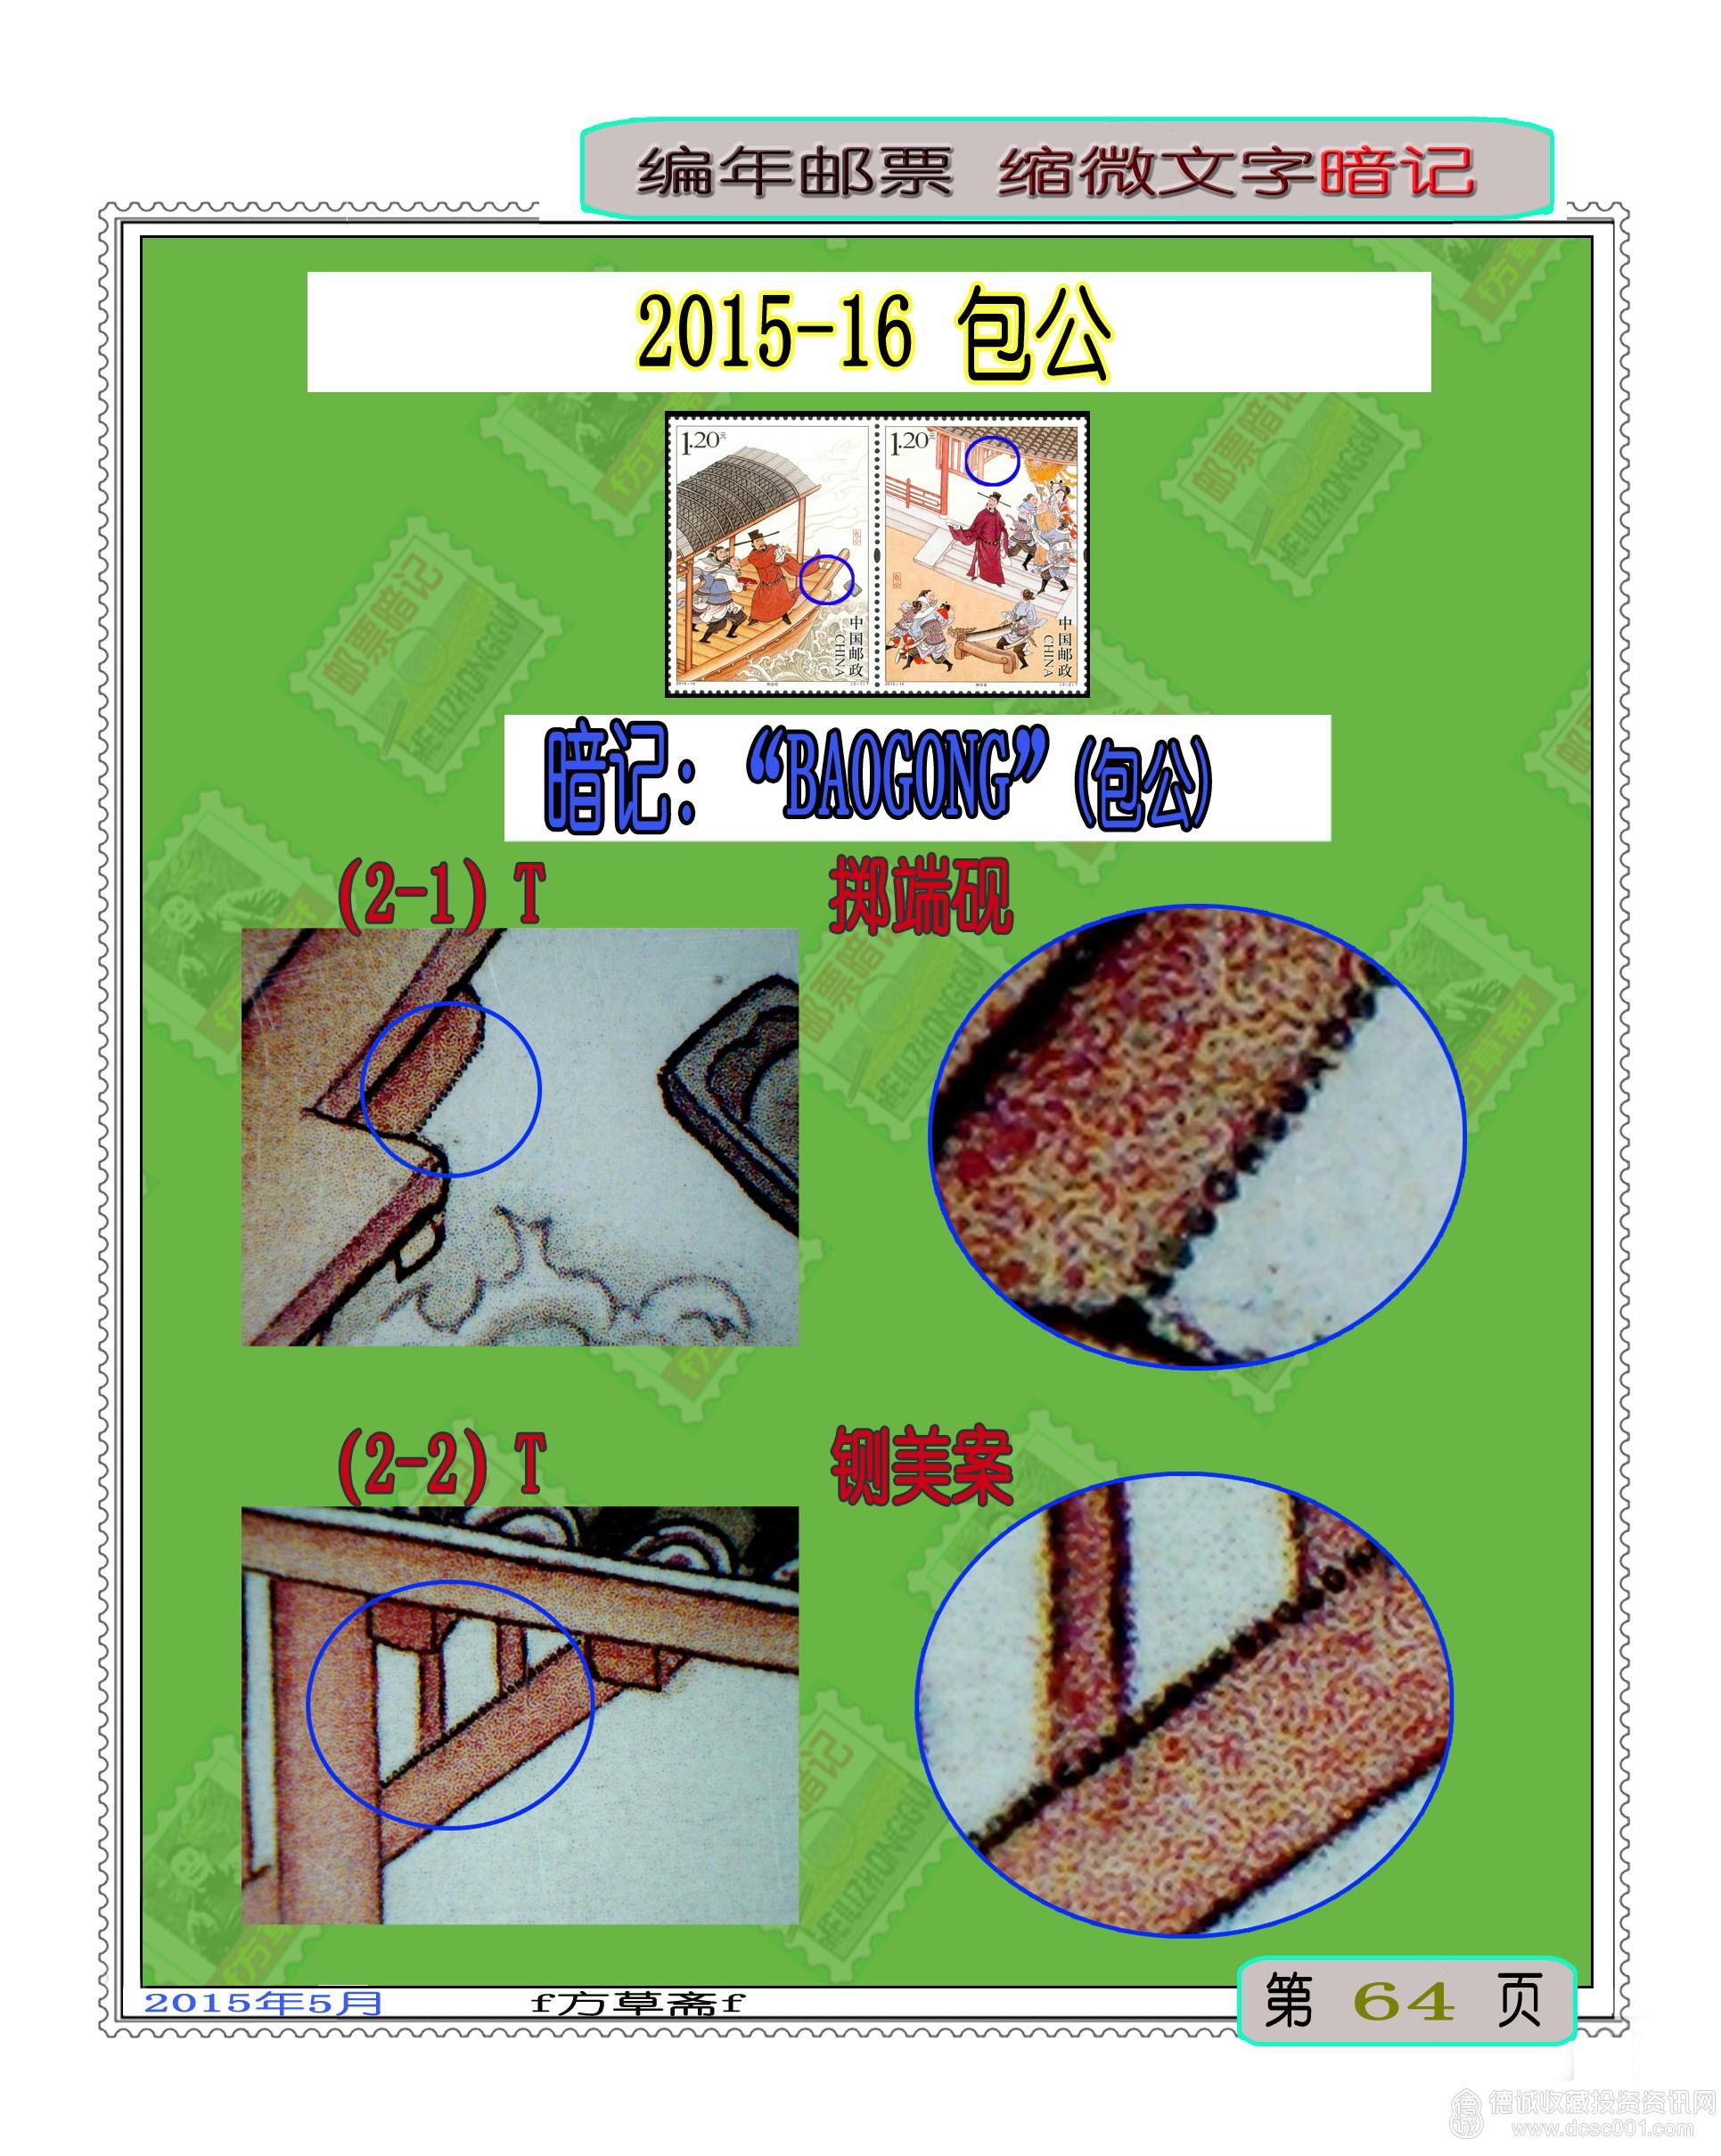 5、2015-16《包公》特种邮票.jpg